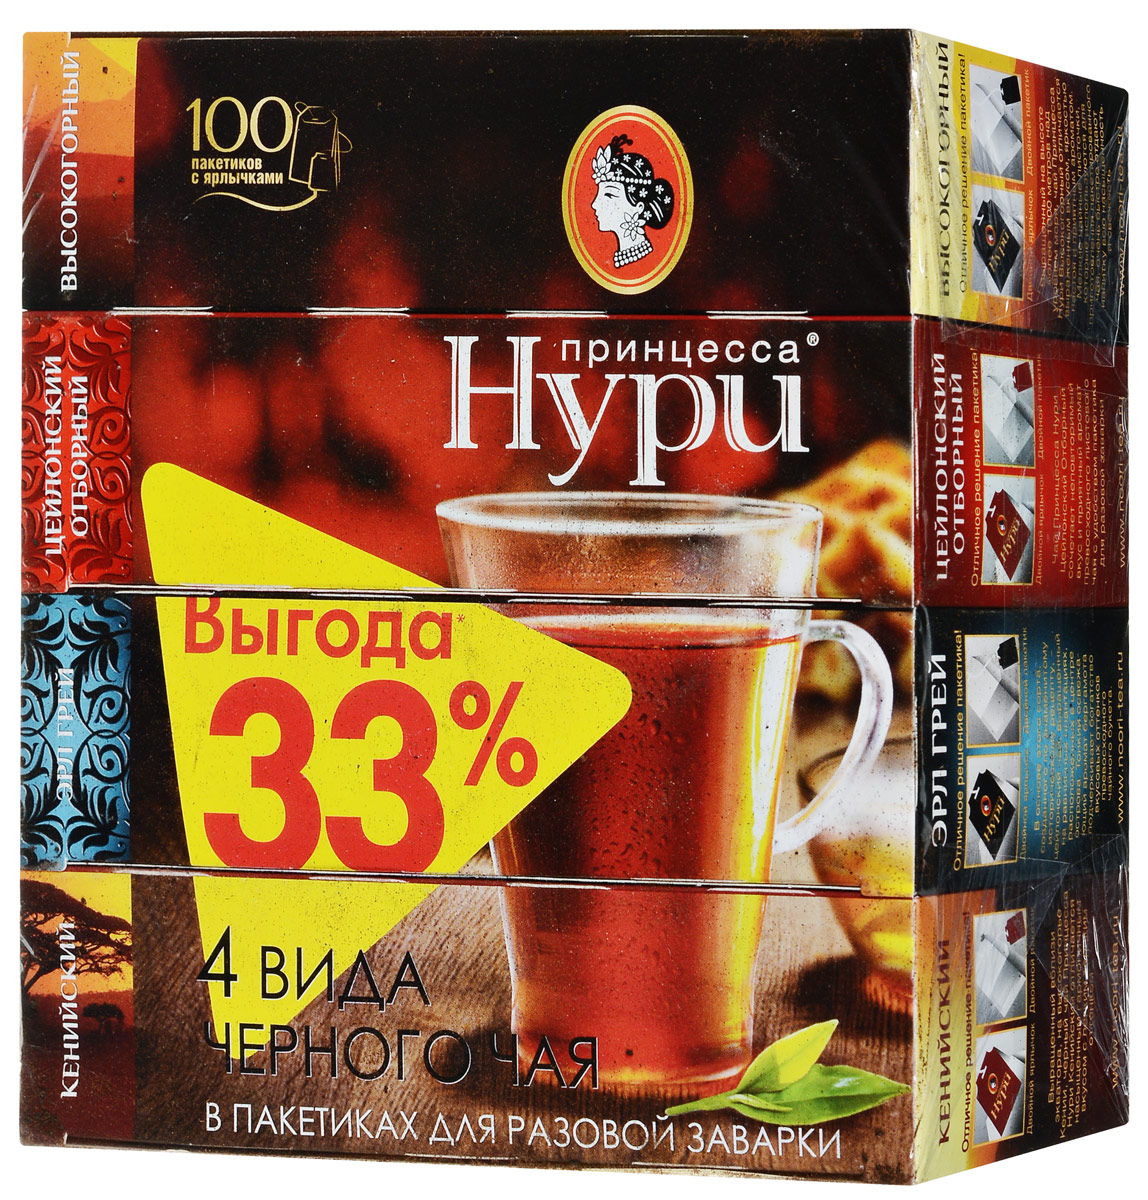 Принцесса Нури черный чай в пакетиках, 100 шт (4 вида чая по 25 шт)1094-18Набор черного чая Принцесса Нури различных сортов. Состав:Принцесса Нури Отборный. Сочетаетв себе благородный вкус и нежный аромат превосходного листового цейлонского чая.Принцесса Нури Кенийский. Выращенный вблизи экватора на высокогорье Кении, он отличается сбалансированным гармоничным вкусом с легким терпким оттенком.Принцесса Нури Высокогорный. Чай с особым терпким вкусом, светло-золотистым настоем и неподражаемым ароматом был собран высоко в горах. Чайные плантации расположены на высоте от 1000 до 2500 метров над уровнем моря, где климат идеален для чайных растений.Принцесса Нури Оригинальный. Легкий аромат бергамота деликатно подчеркивает богатство вкусовых оттенков в превосходном букете черного чая.Уважаемые клиенты! Обращаем ваше внимание на то, что упаковка может иметь несколько видов дизайна. Поставка осуществляется в зависимости от наличия на складе.